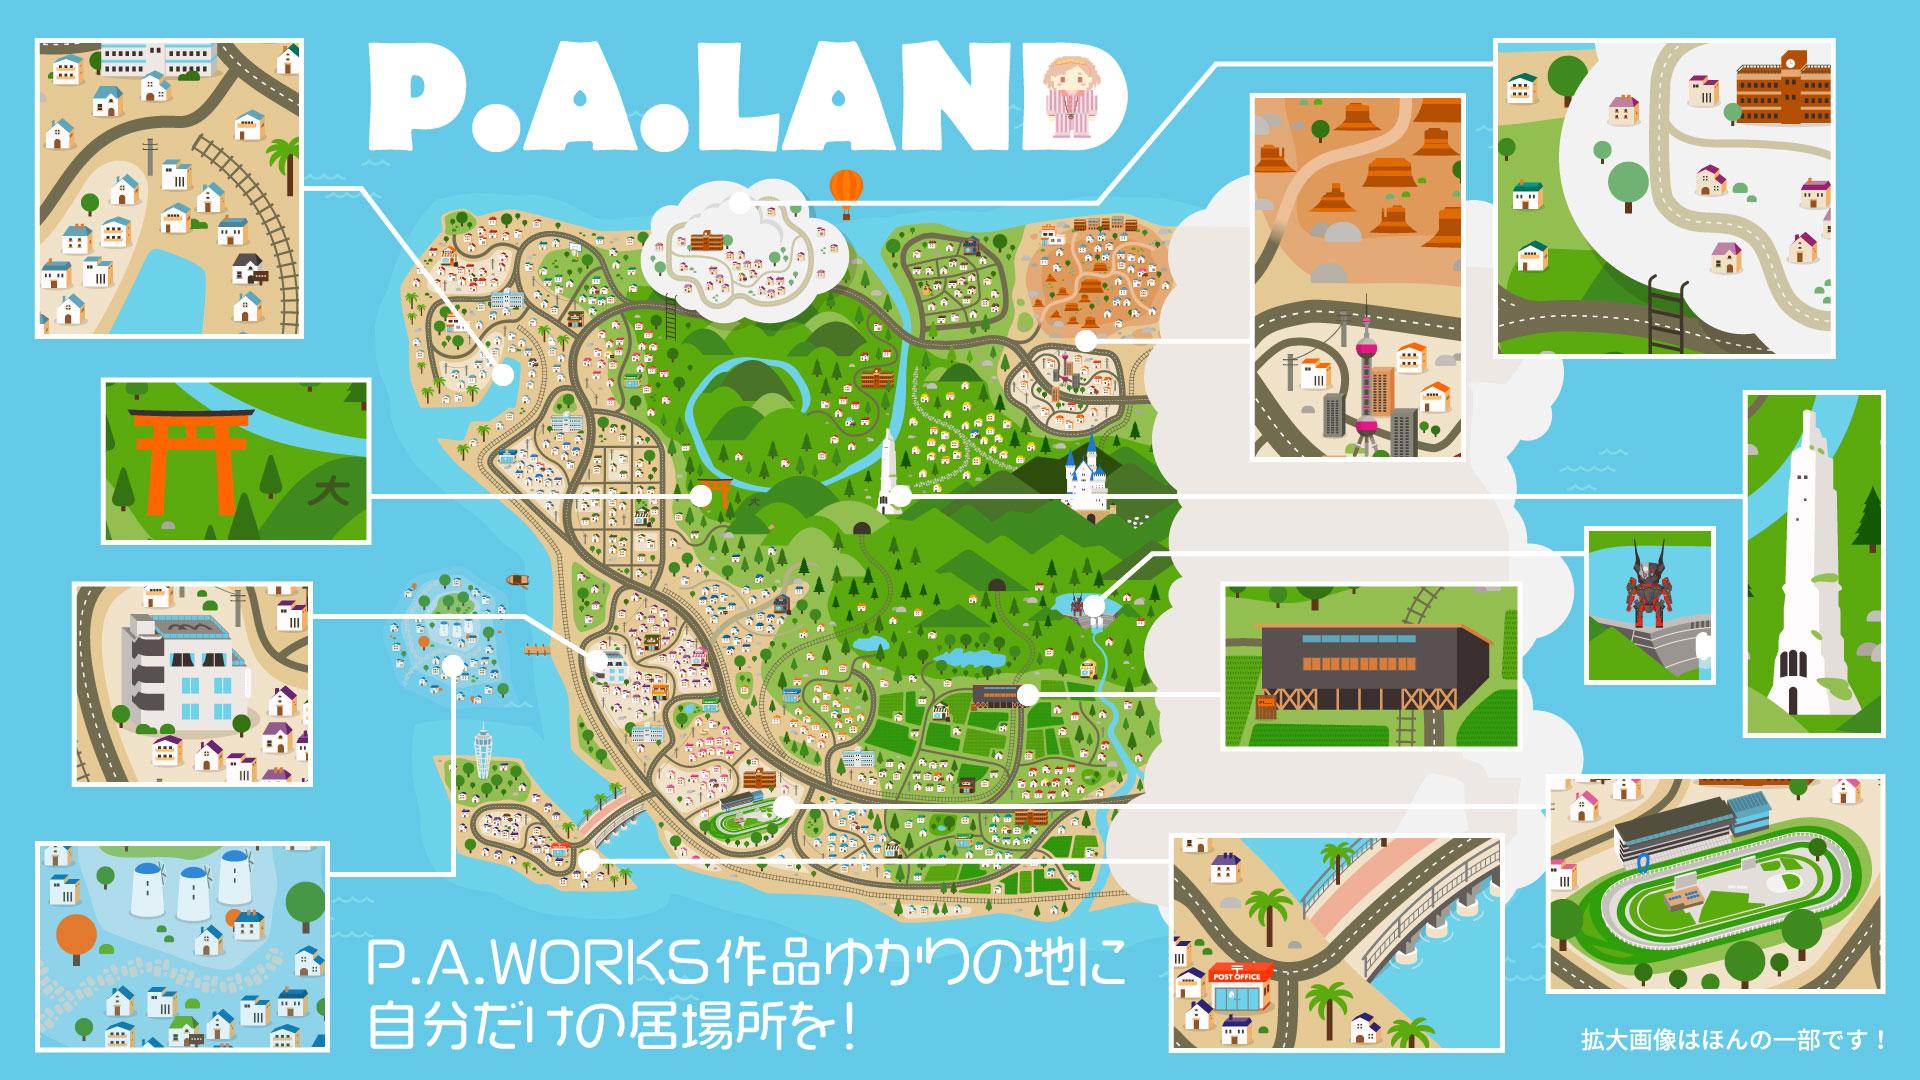 アニメ制作会社・P.A.WORKS作品にゆかりのある場所を集めた架空の王国「P.A.LAND」WEB上にオープン!